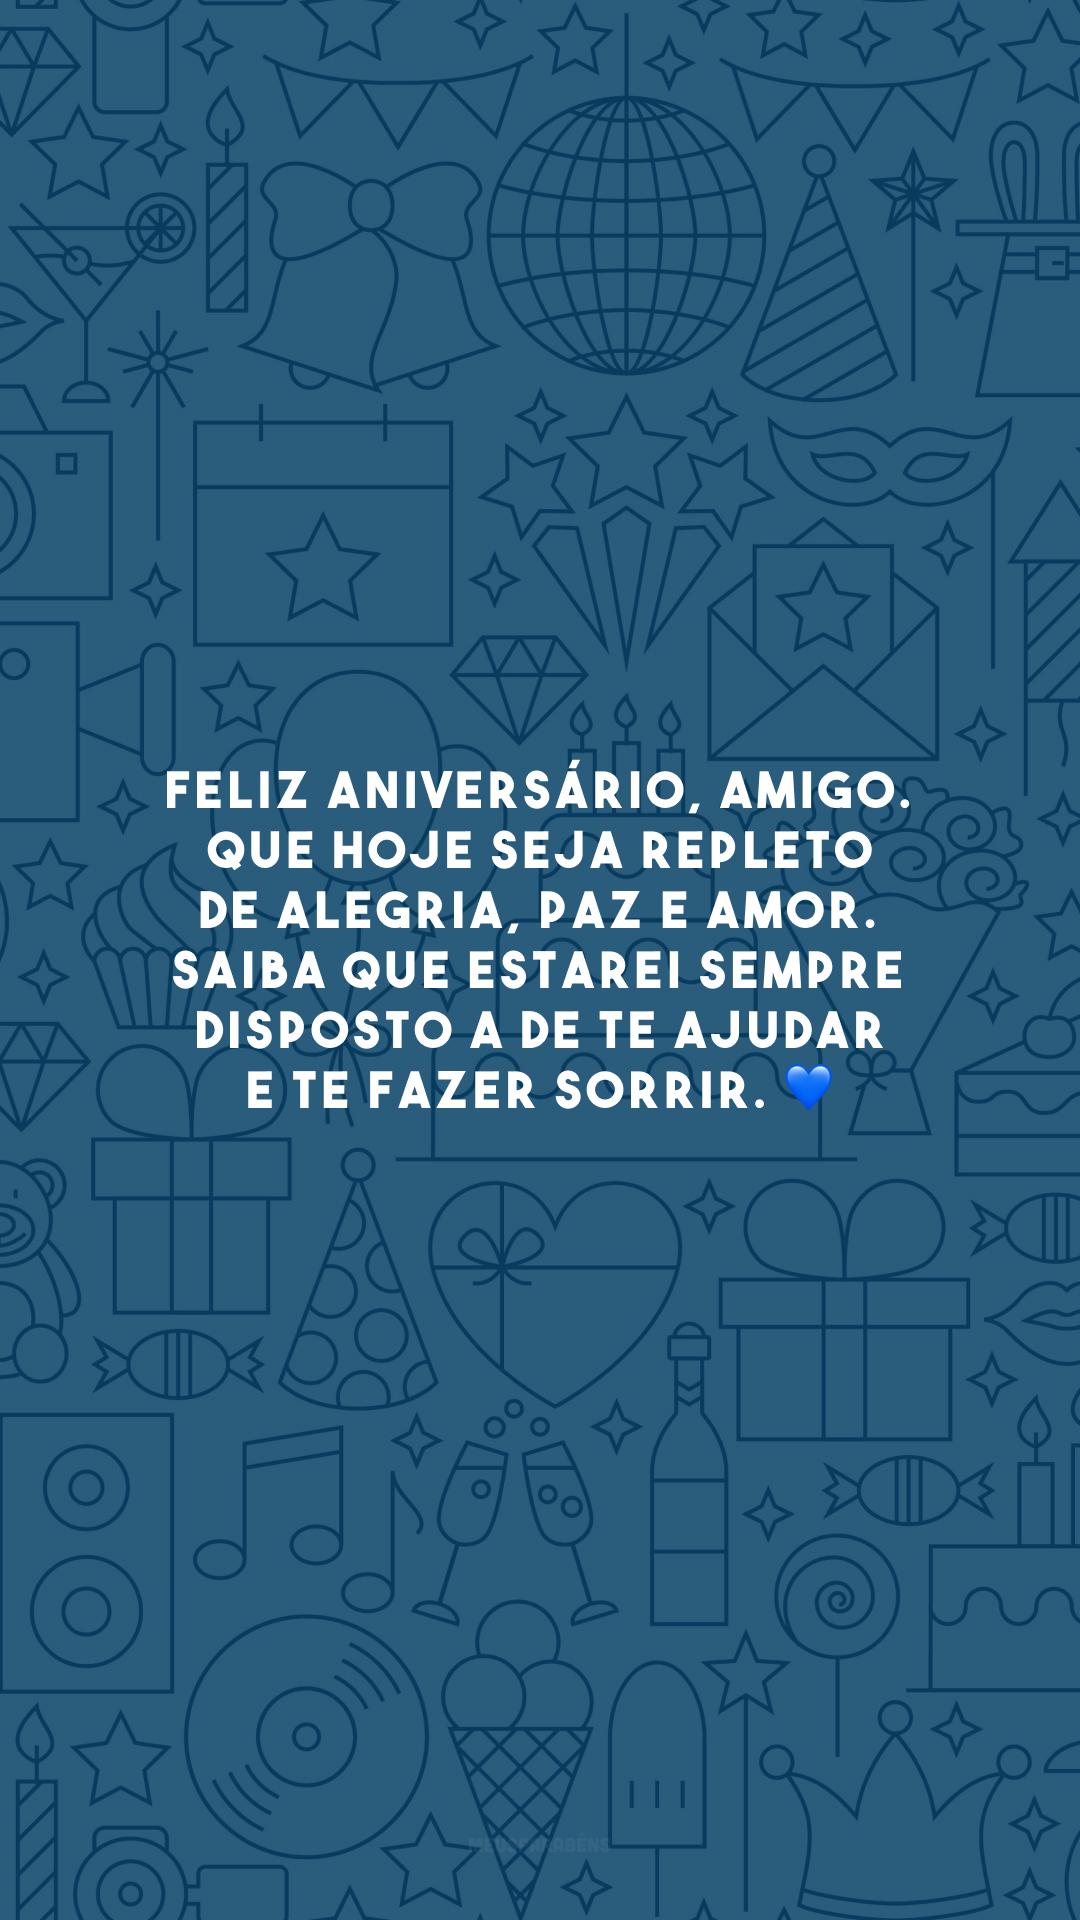 Feliz aniversário, amigo. Que hoje seja repleto de alegria, paz e amor. Saiba que estarei sempre disposto a de te ajudar e te fazer sorrir. 💙